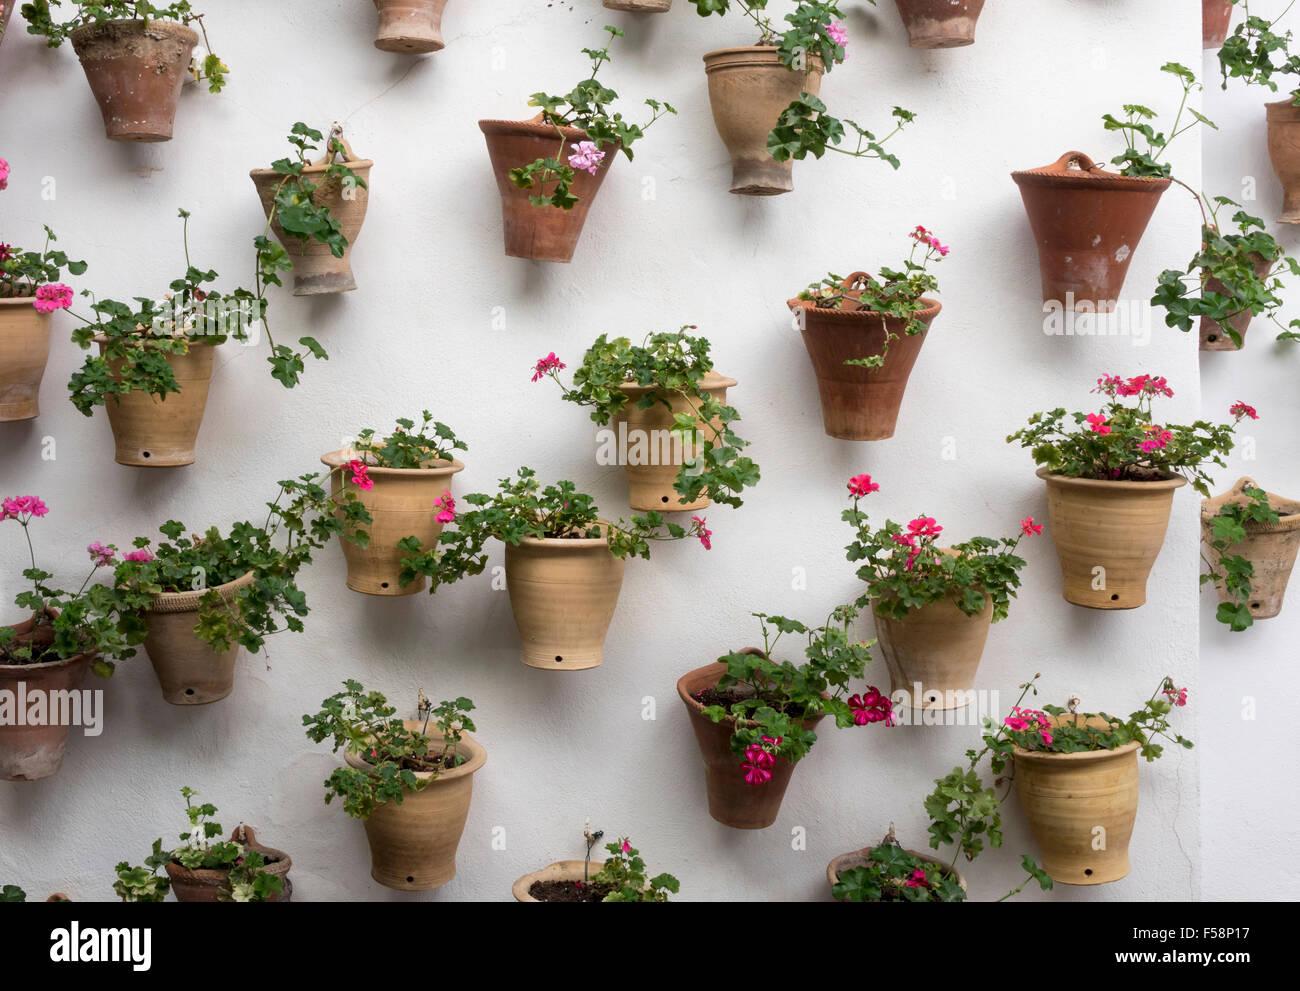 Garten im Innenhof, vertikale Garten - Blumen in Töpfe zu einer weißen Wand befestigt Stockbild